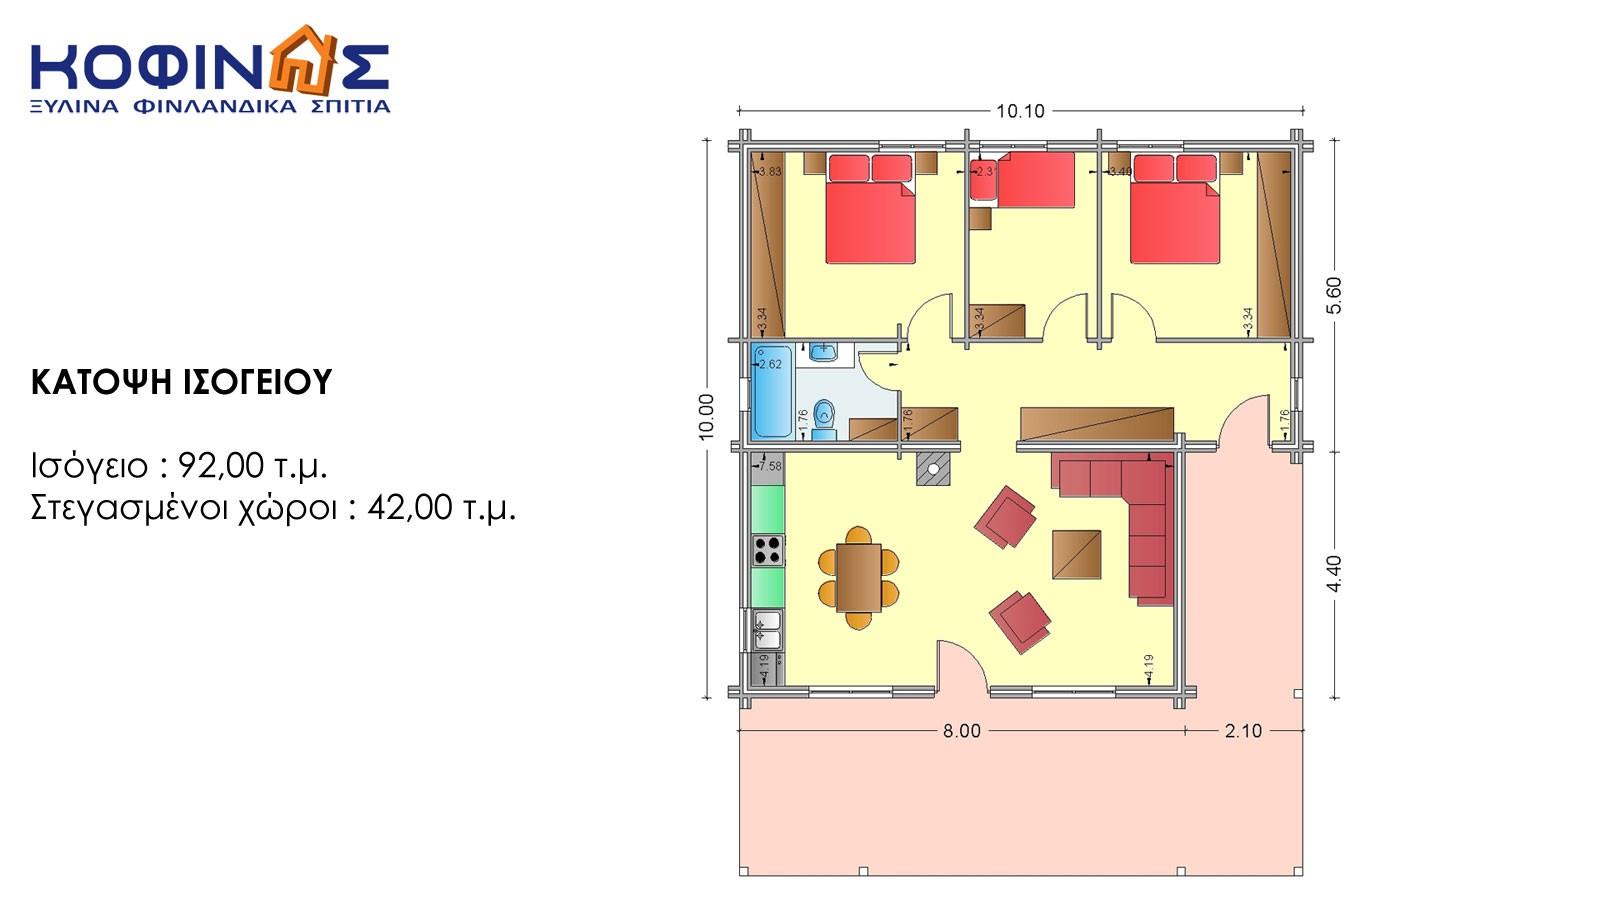 Ισόγεια Ξύλινη Κατοικία XI-92, συνολικής επιφάνειας 92,00 τ.μ.